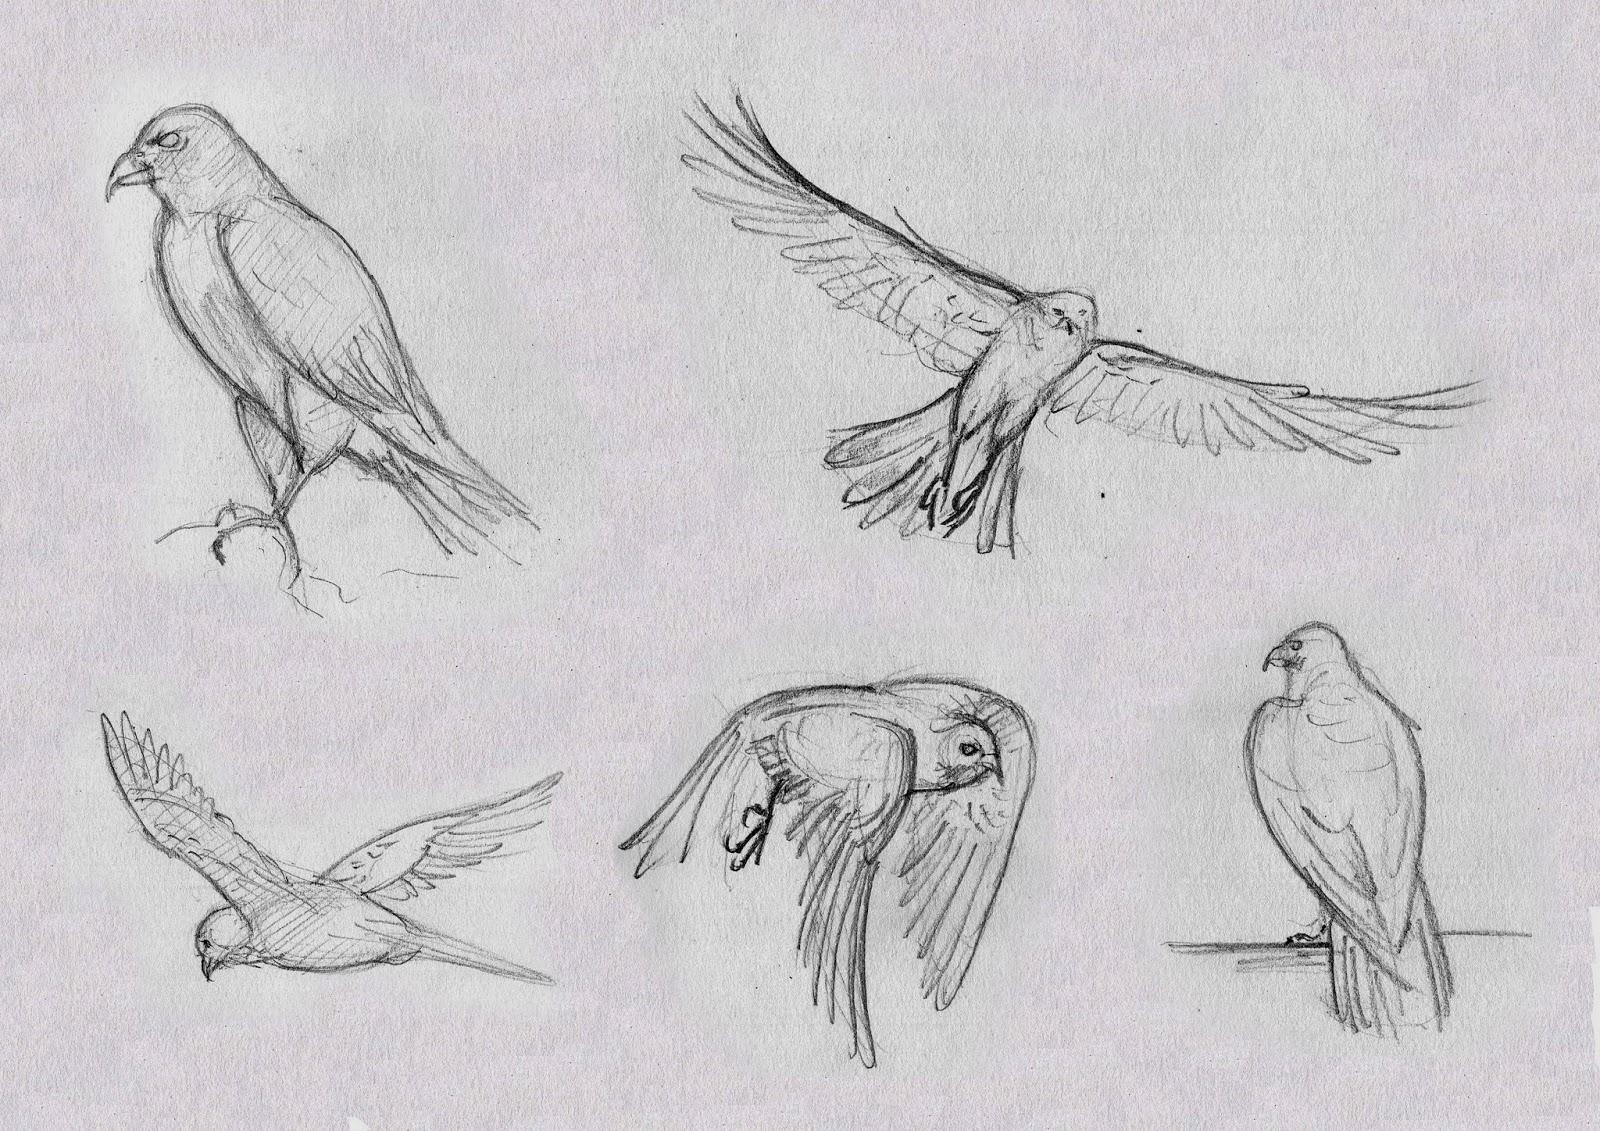 Pierre labarre dessins d 39 observation d 39 animaux - Dessin d animeaux ...